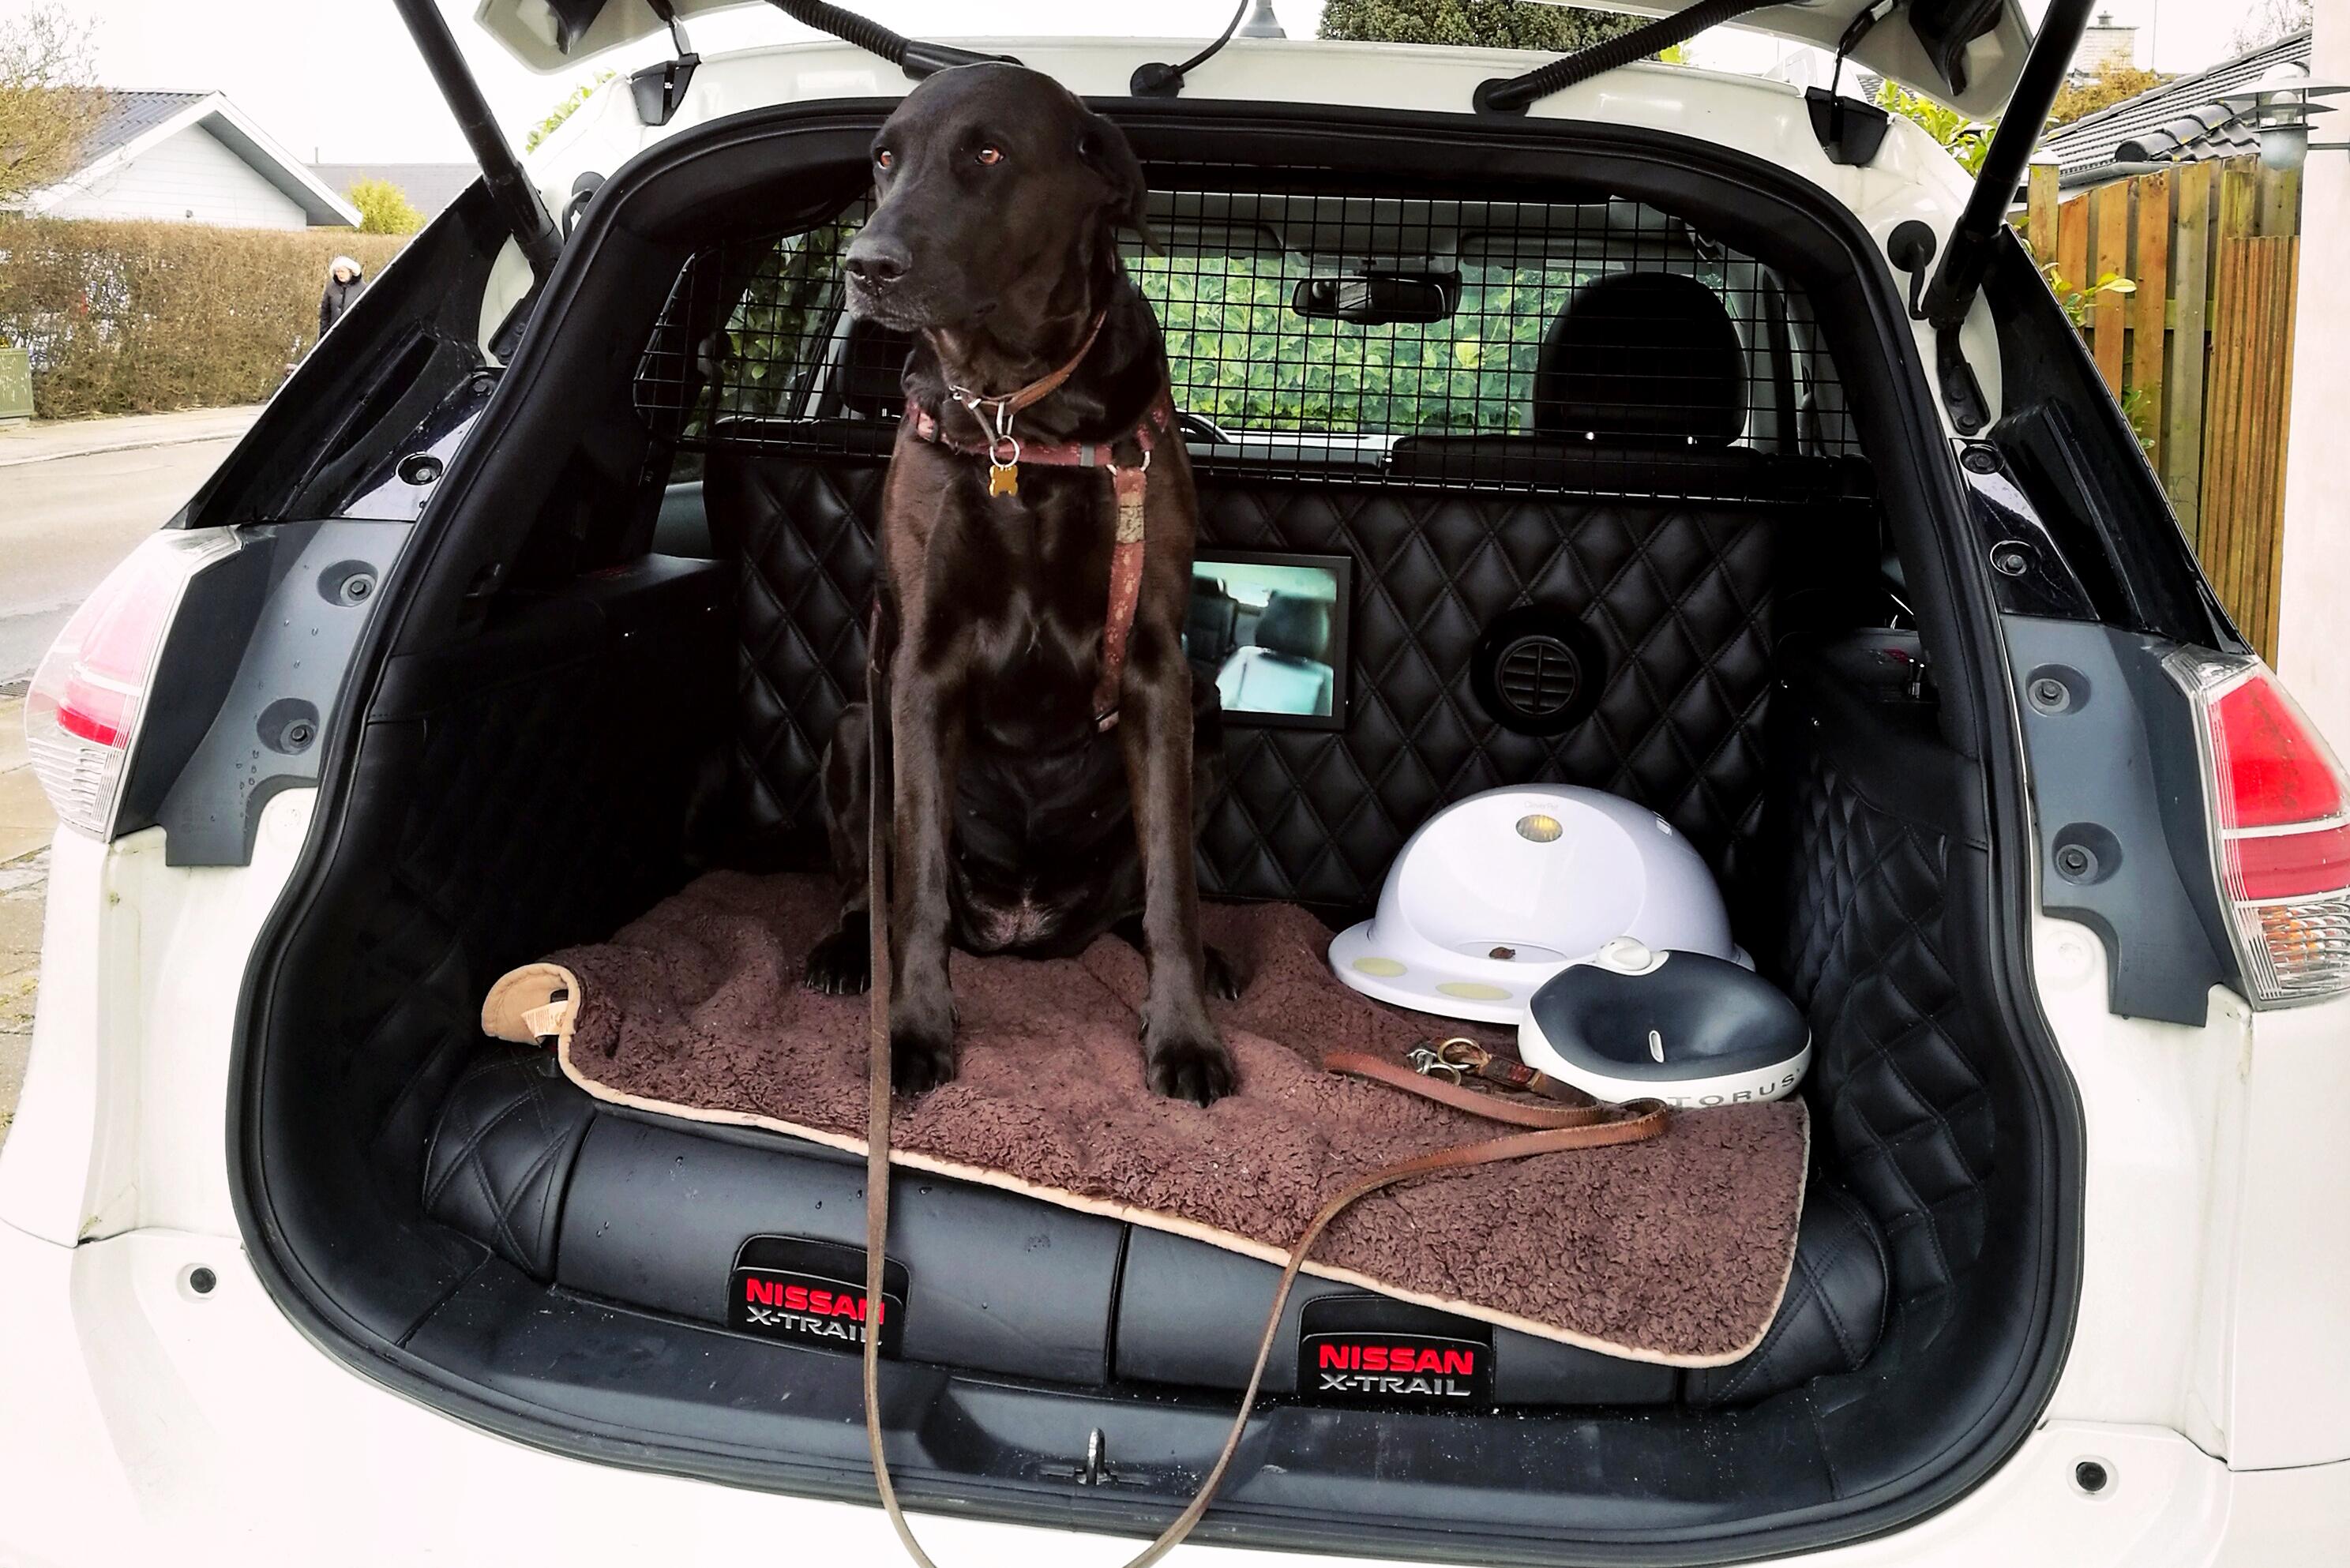 vi pr ver sk r nissan x trail bygget til hunde. Black Bedroom Furniture Sets. Home Design Ideas